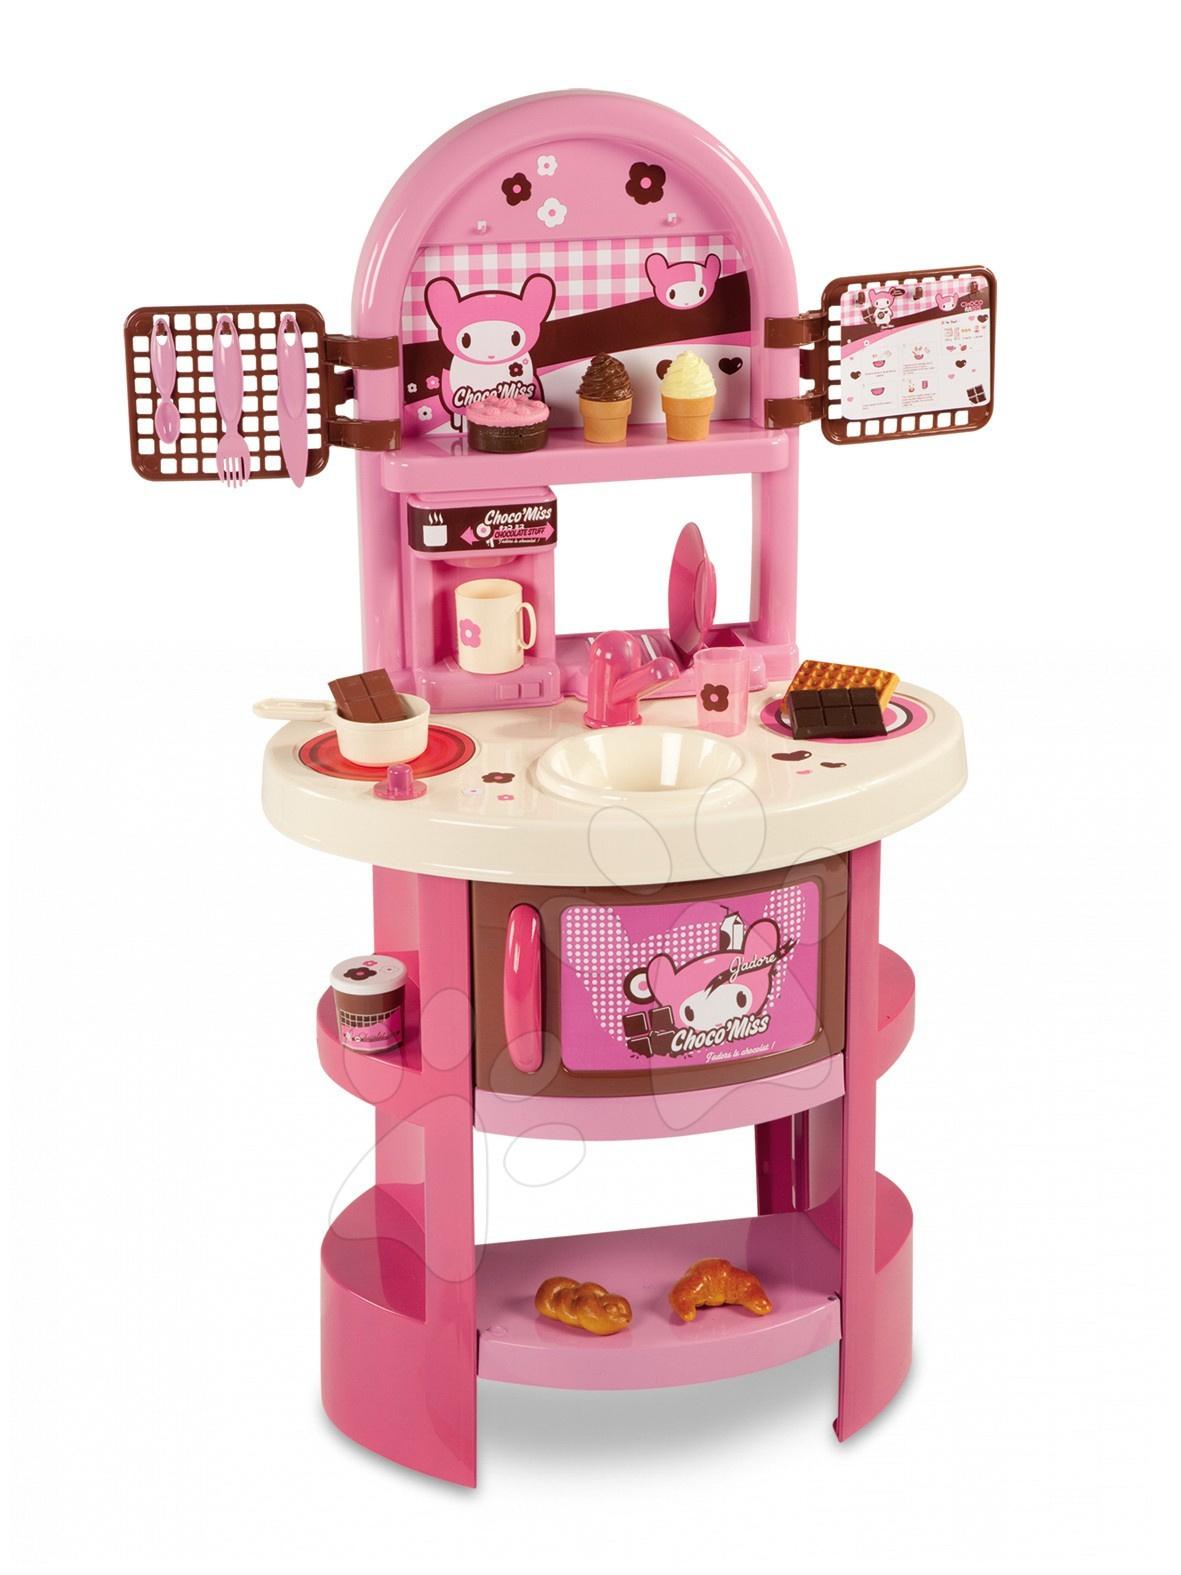 Kuchyňka Choco Miss Smoby růžová a 20 doplňků